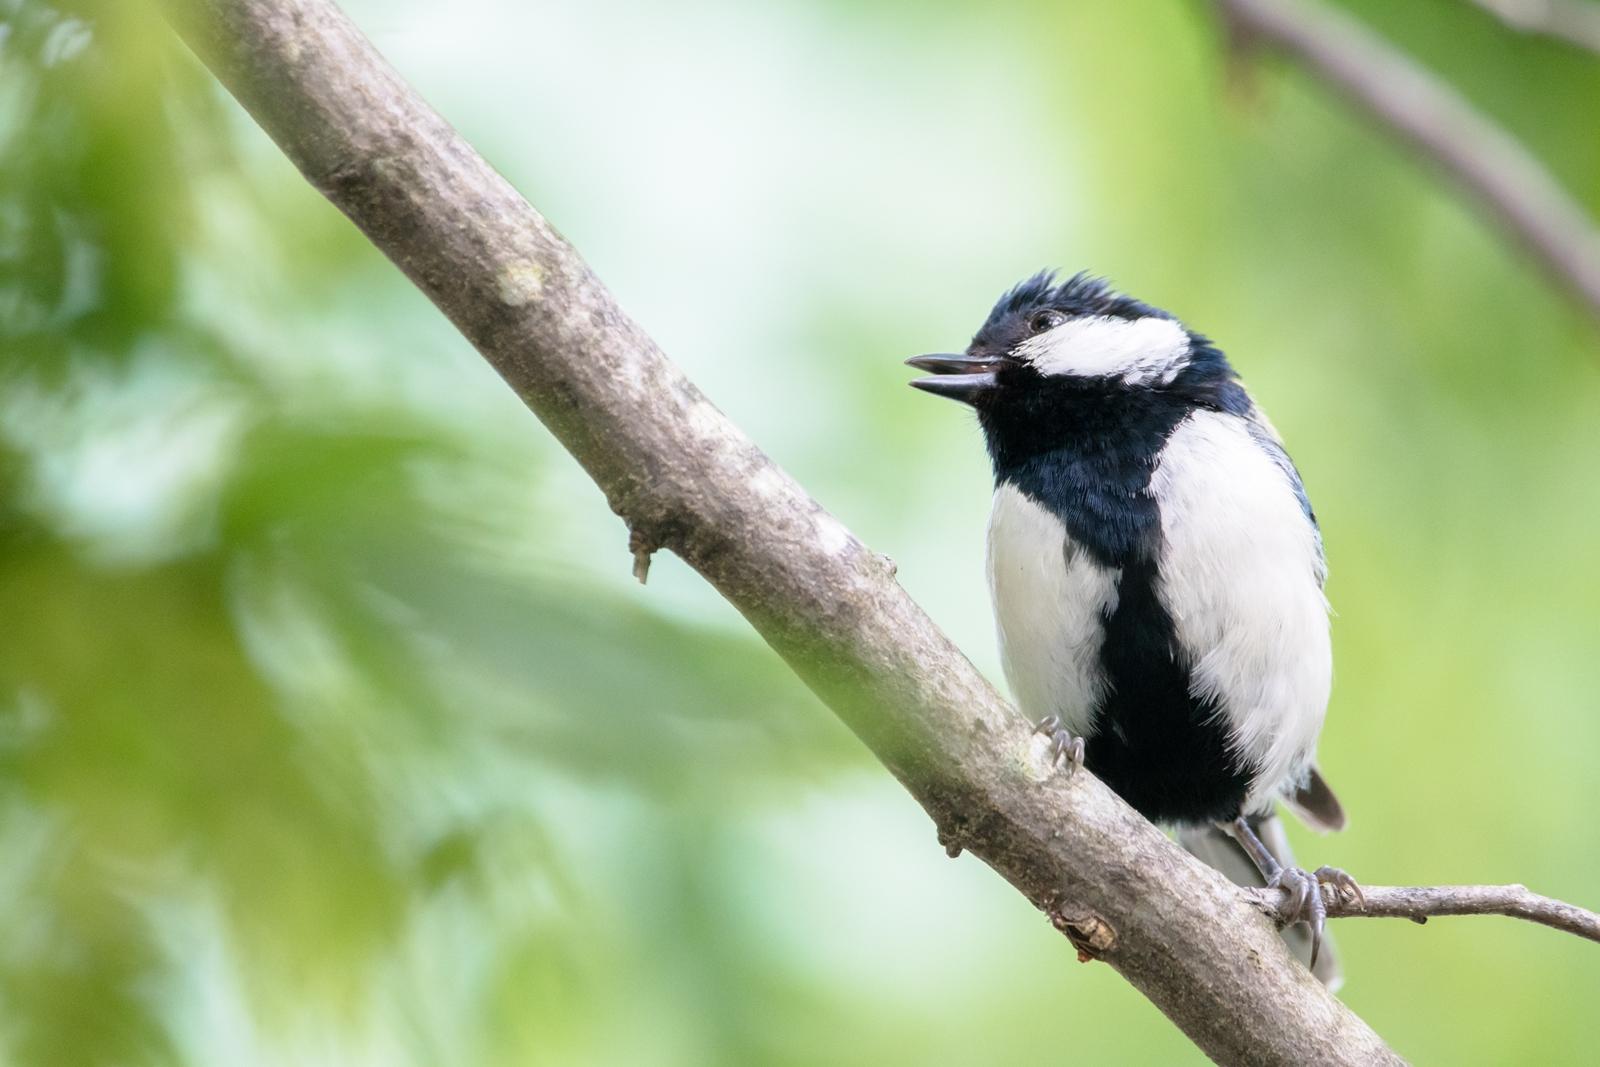 Photo: 「うたをうたおう」 / Let's sing.  うたをうたおう 嬉しい気持ち 楽しい気持ち 気持ちはちゃんと伝わる 僕もとっても楽しいよ  Japanese Tit. (シジュウカラ)  Nikon D500 SIGMA 150-600mm F5-6.3 DG OS HSM Contemporary  #birdphotography #birds #kawaii #ことり #小鳥 #nikon #sigma  ( http://takafumiooshio.com/archives/2683 )